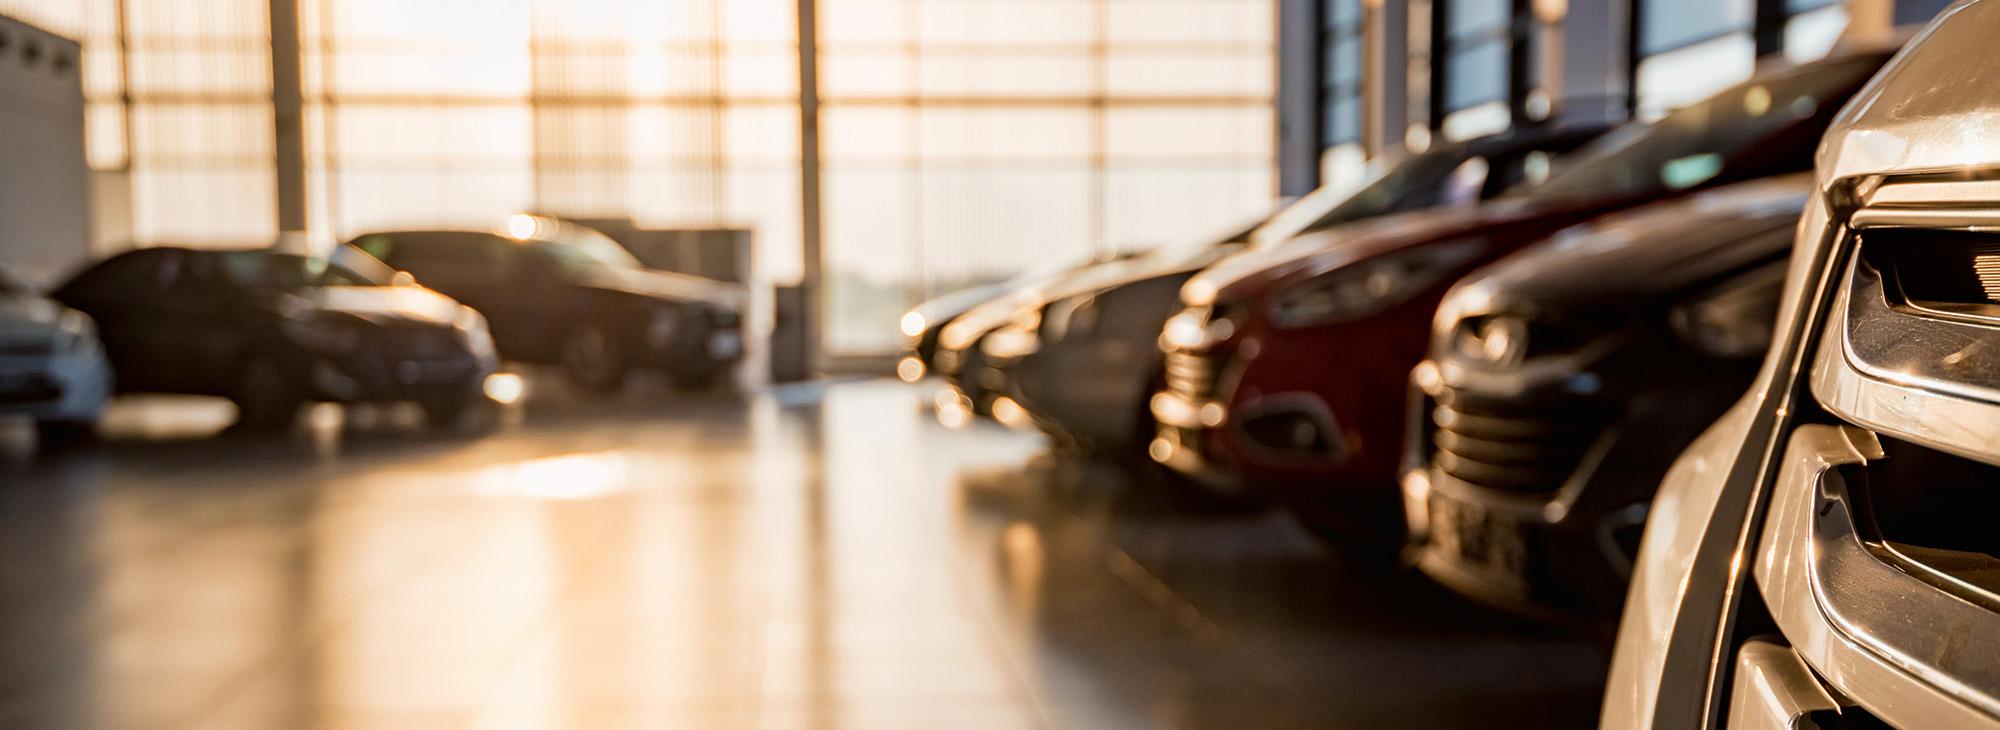 Vill du sälja bil i Skåne?